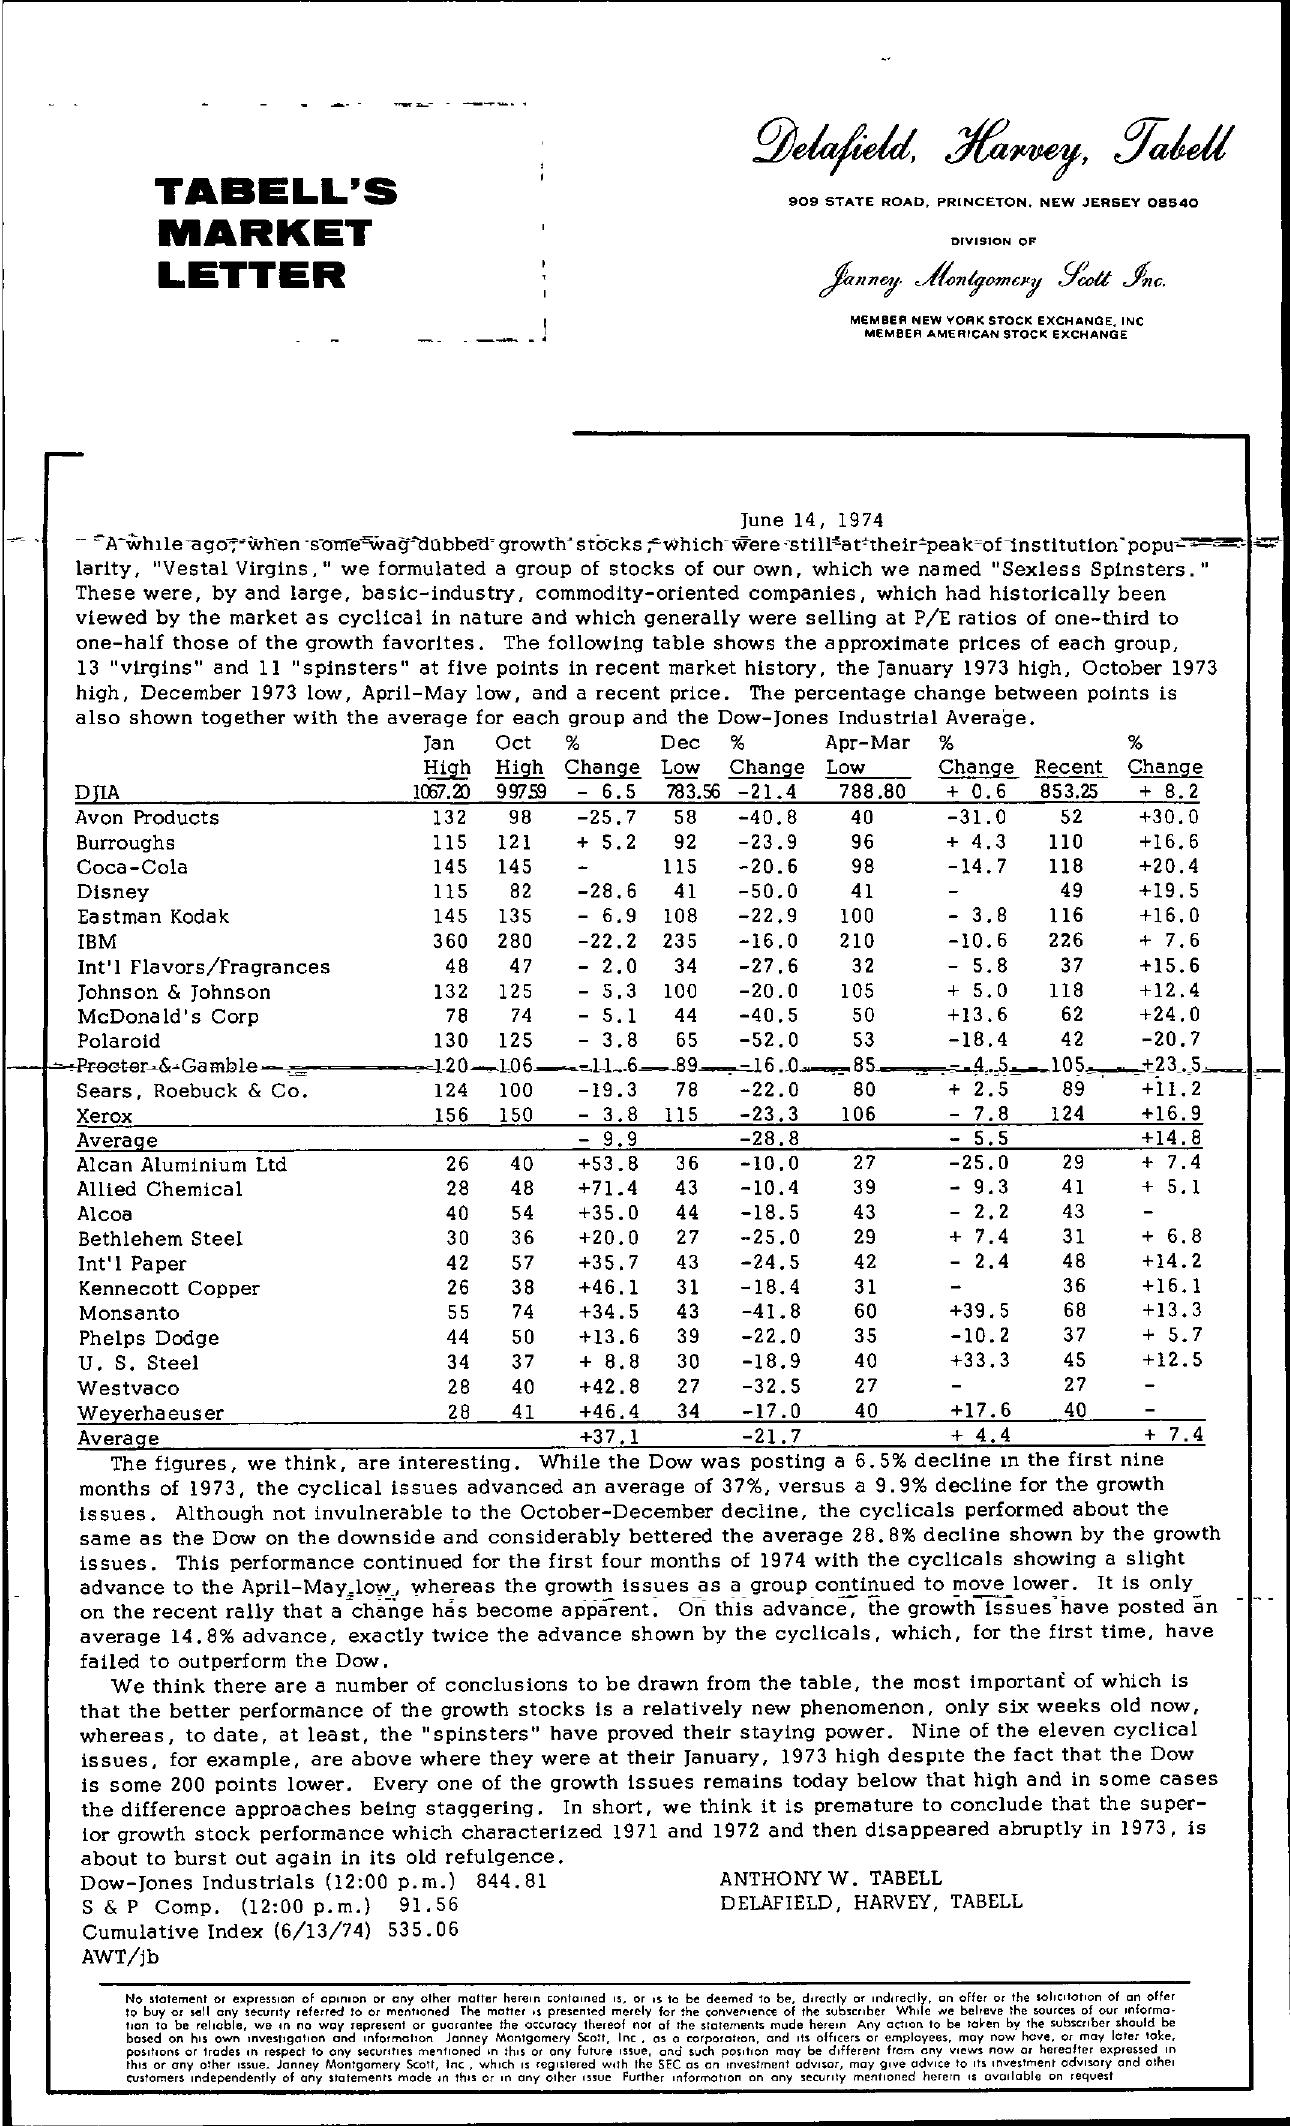 Tabell's Market Letter - June 14, 1974